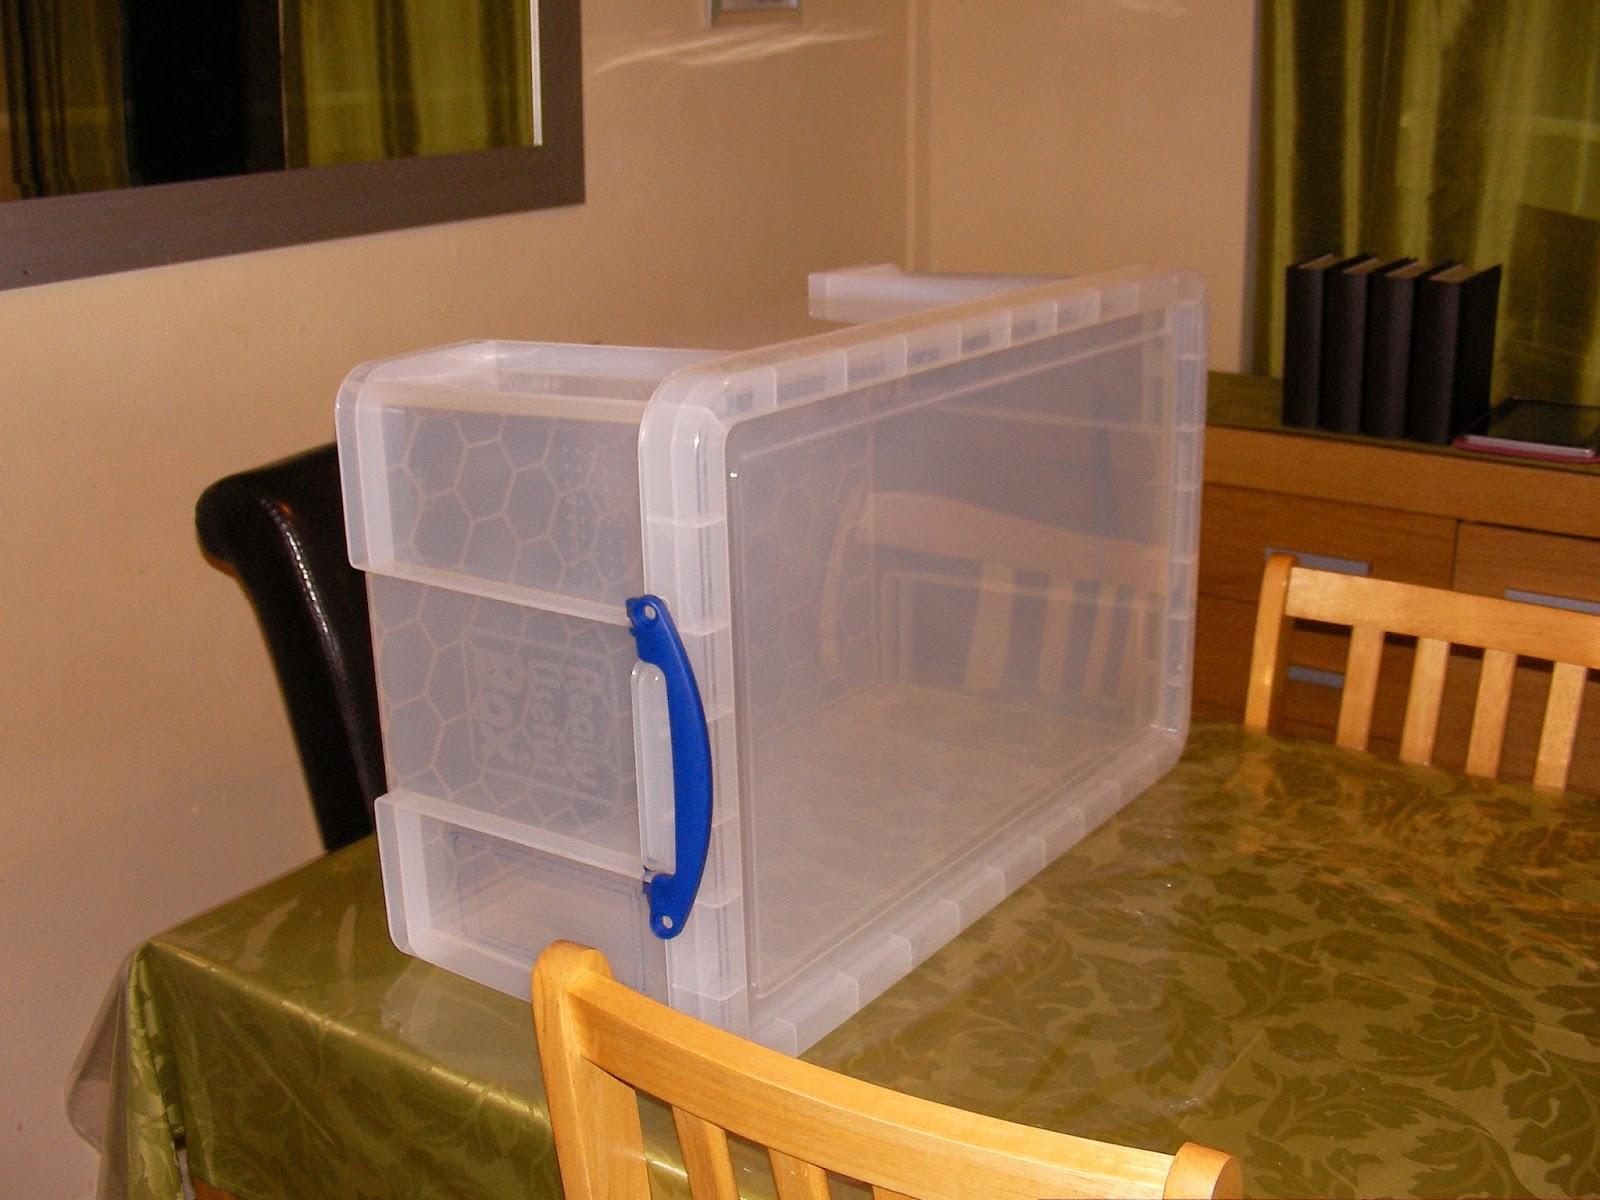 How To Make A Biltong Box Project Making The Biltong Box